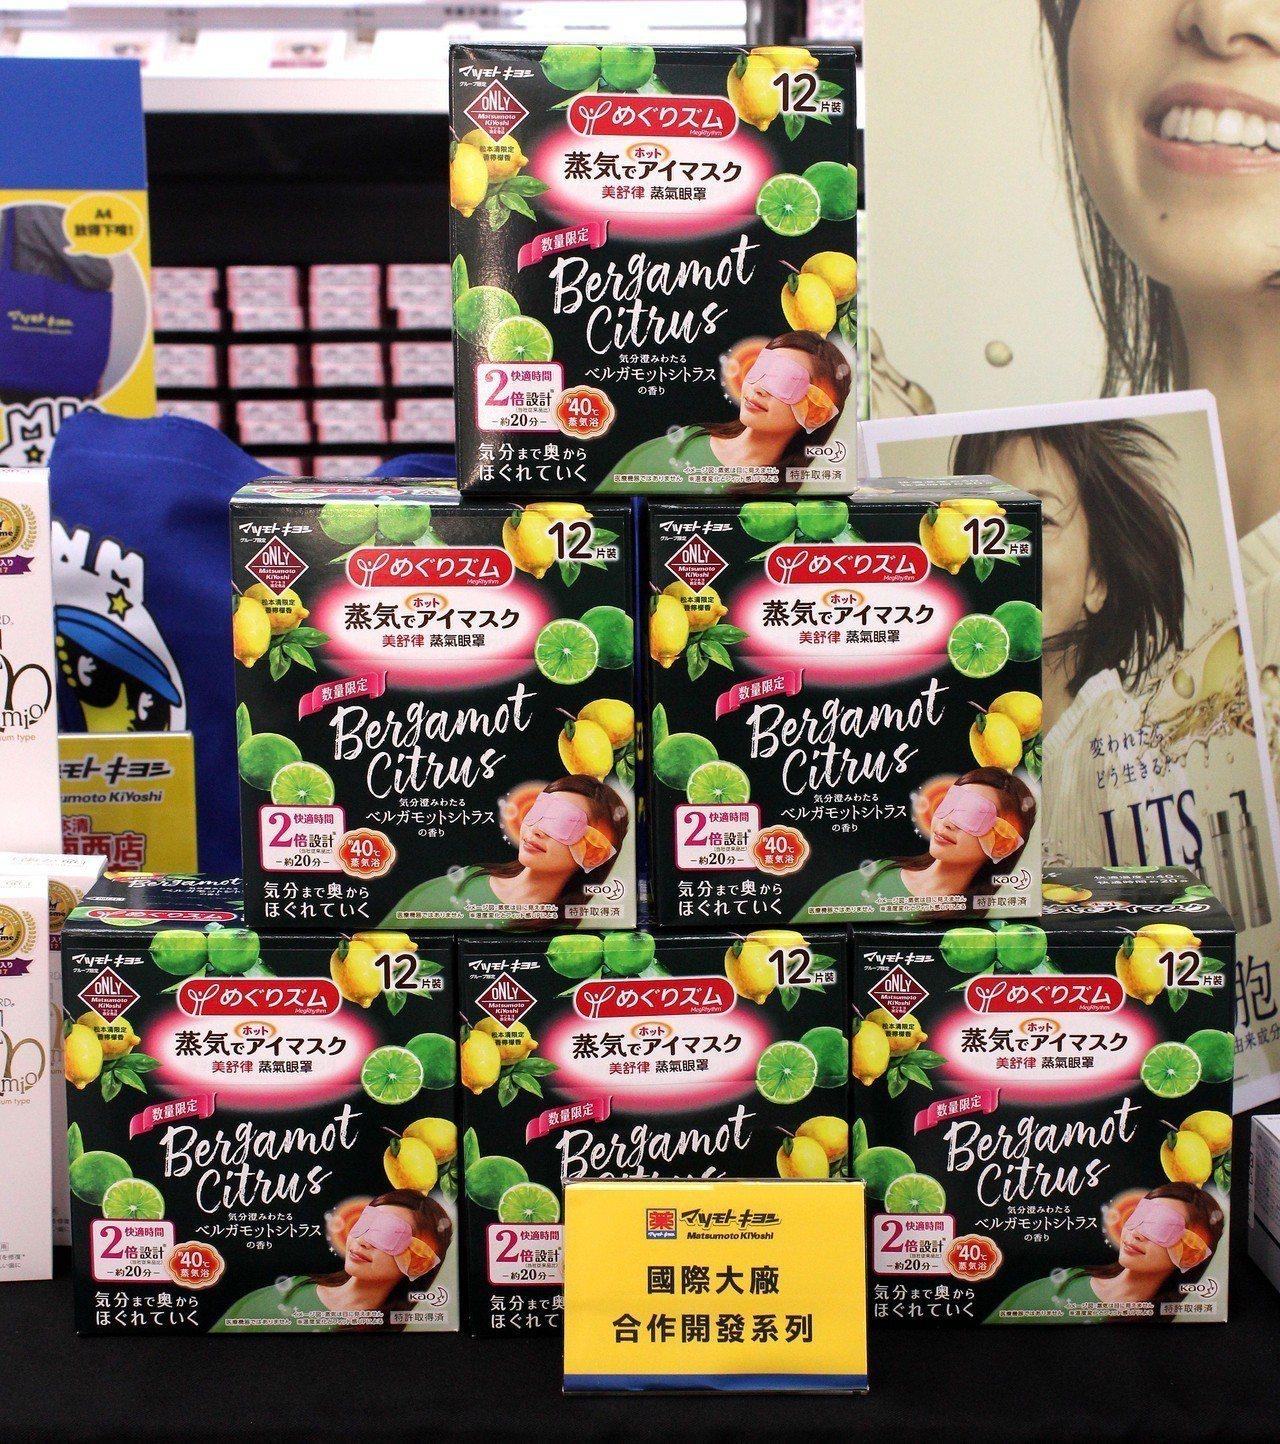 松本清與花王獨家共同開發的花王蒸氣眼罩香檸檬香口味,服貼度提升,發熱時間也延長2...